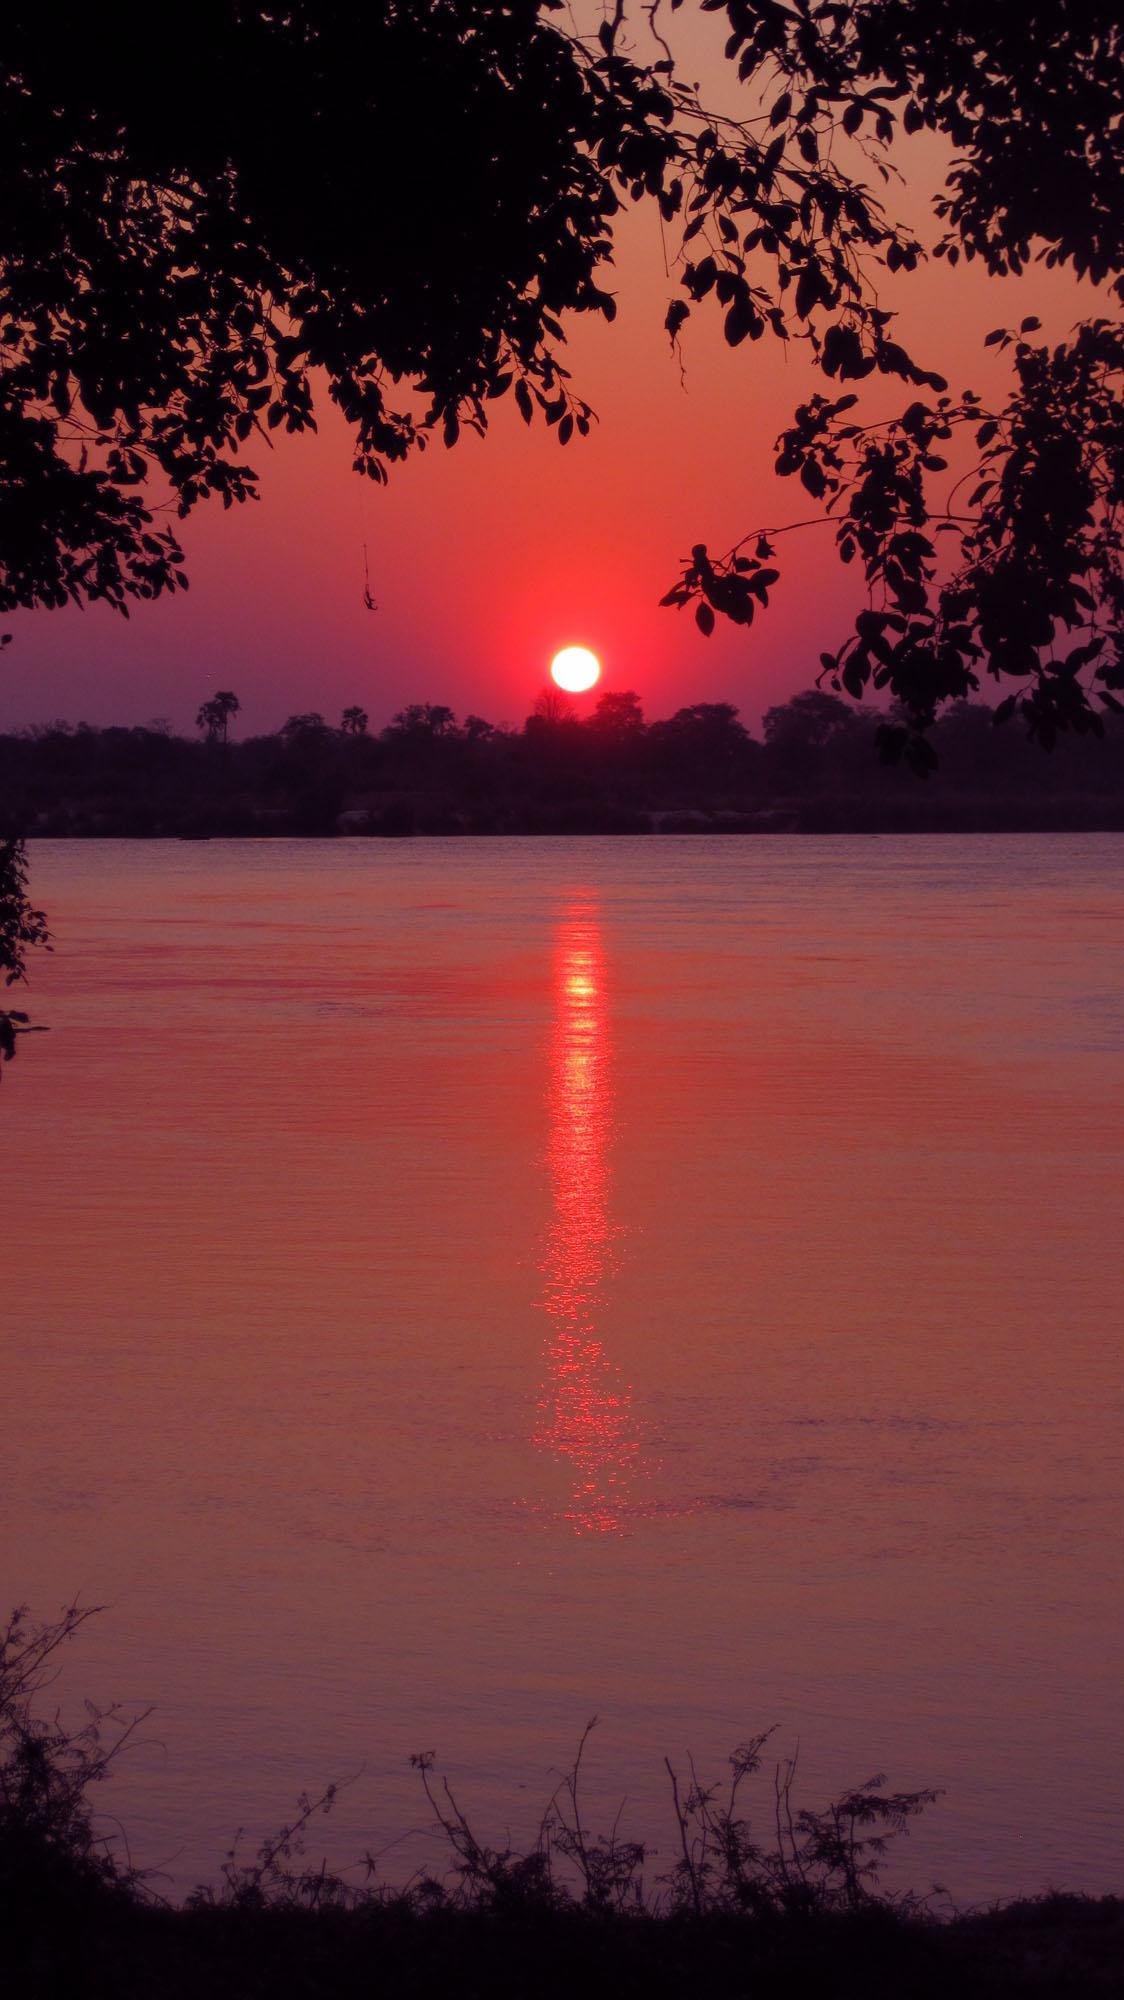 Sunset over the Zambezi River